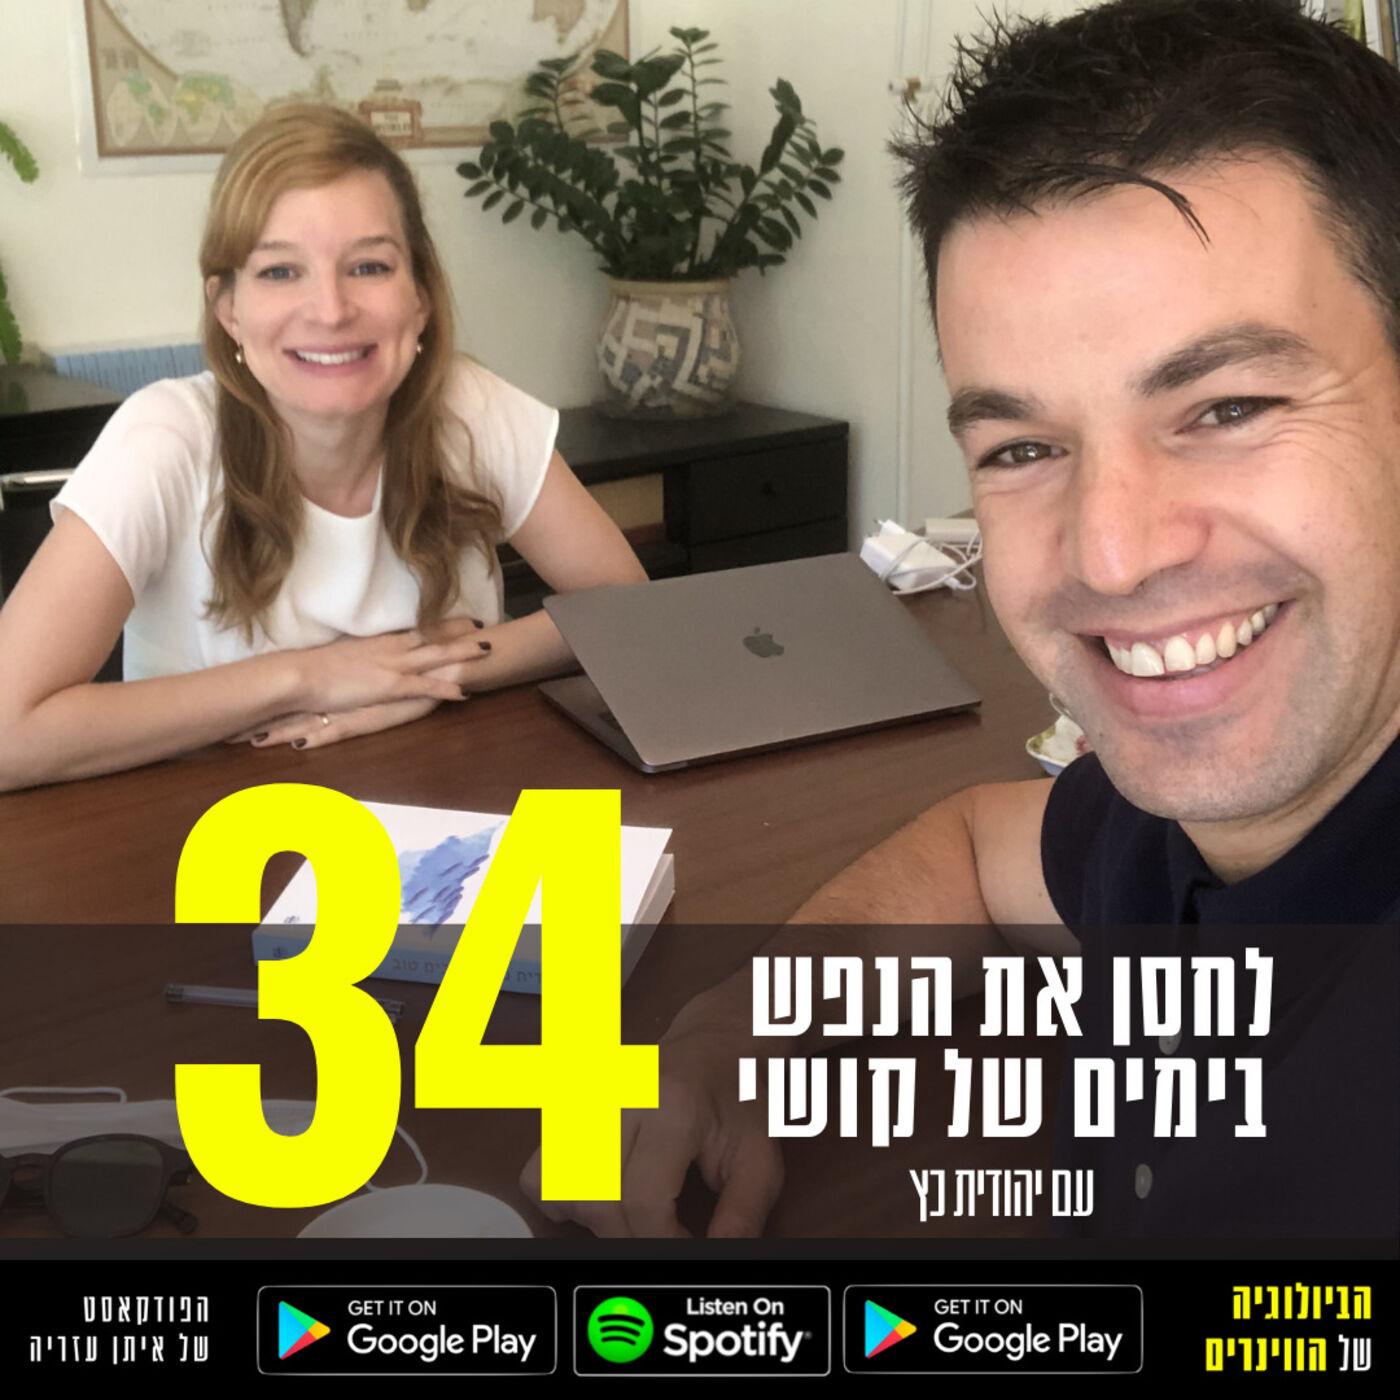 פרק 34: לחסן את הנפש בימים של קושי עם יהודית כץ